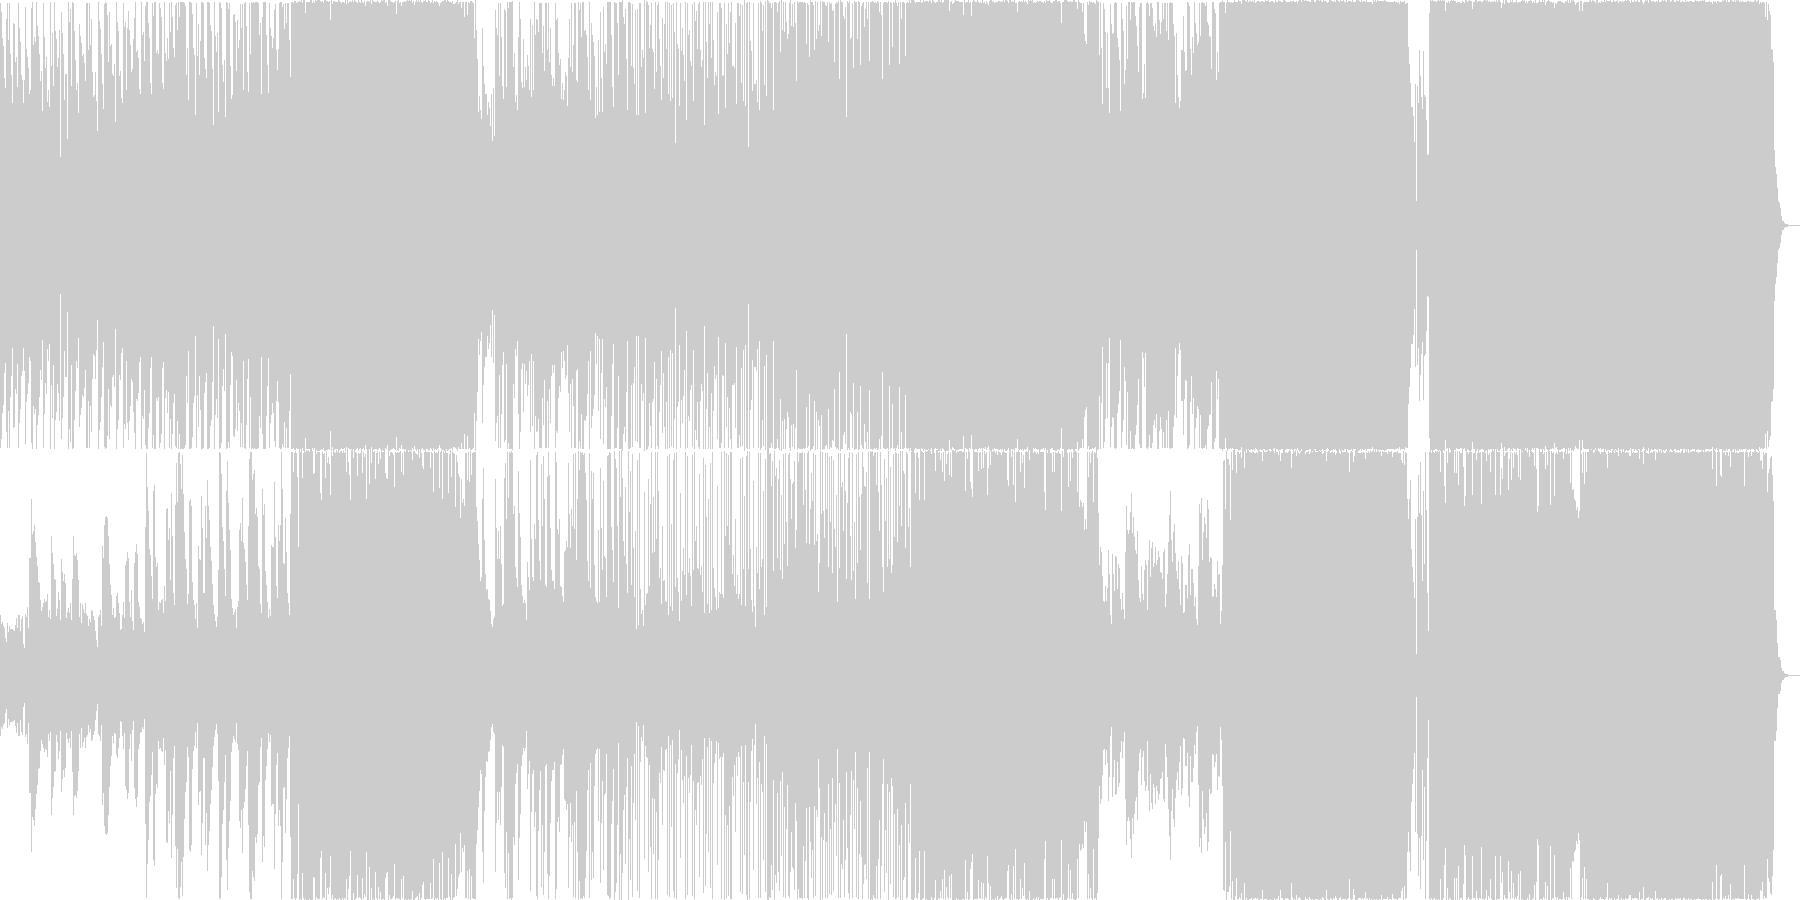 ゆったりテンポのエンディング向き楽曲の未再生の波形